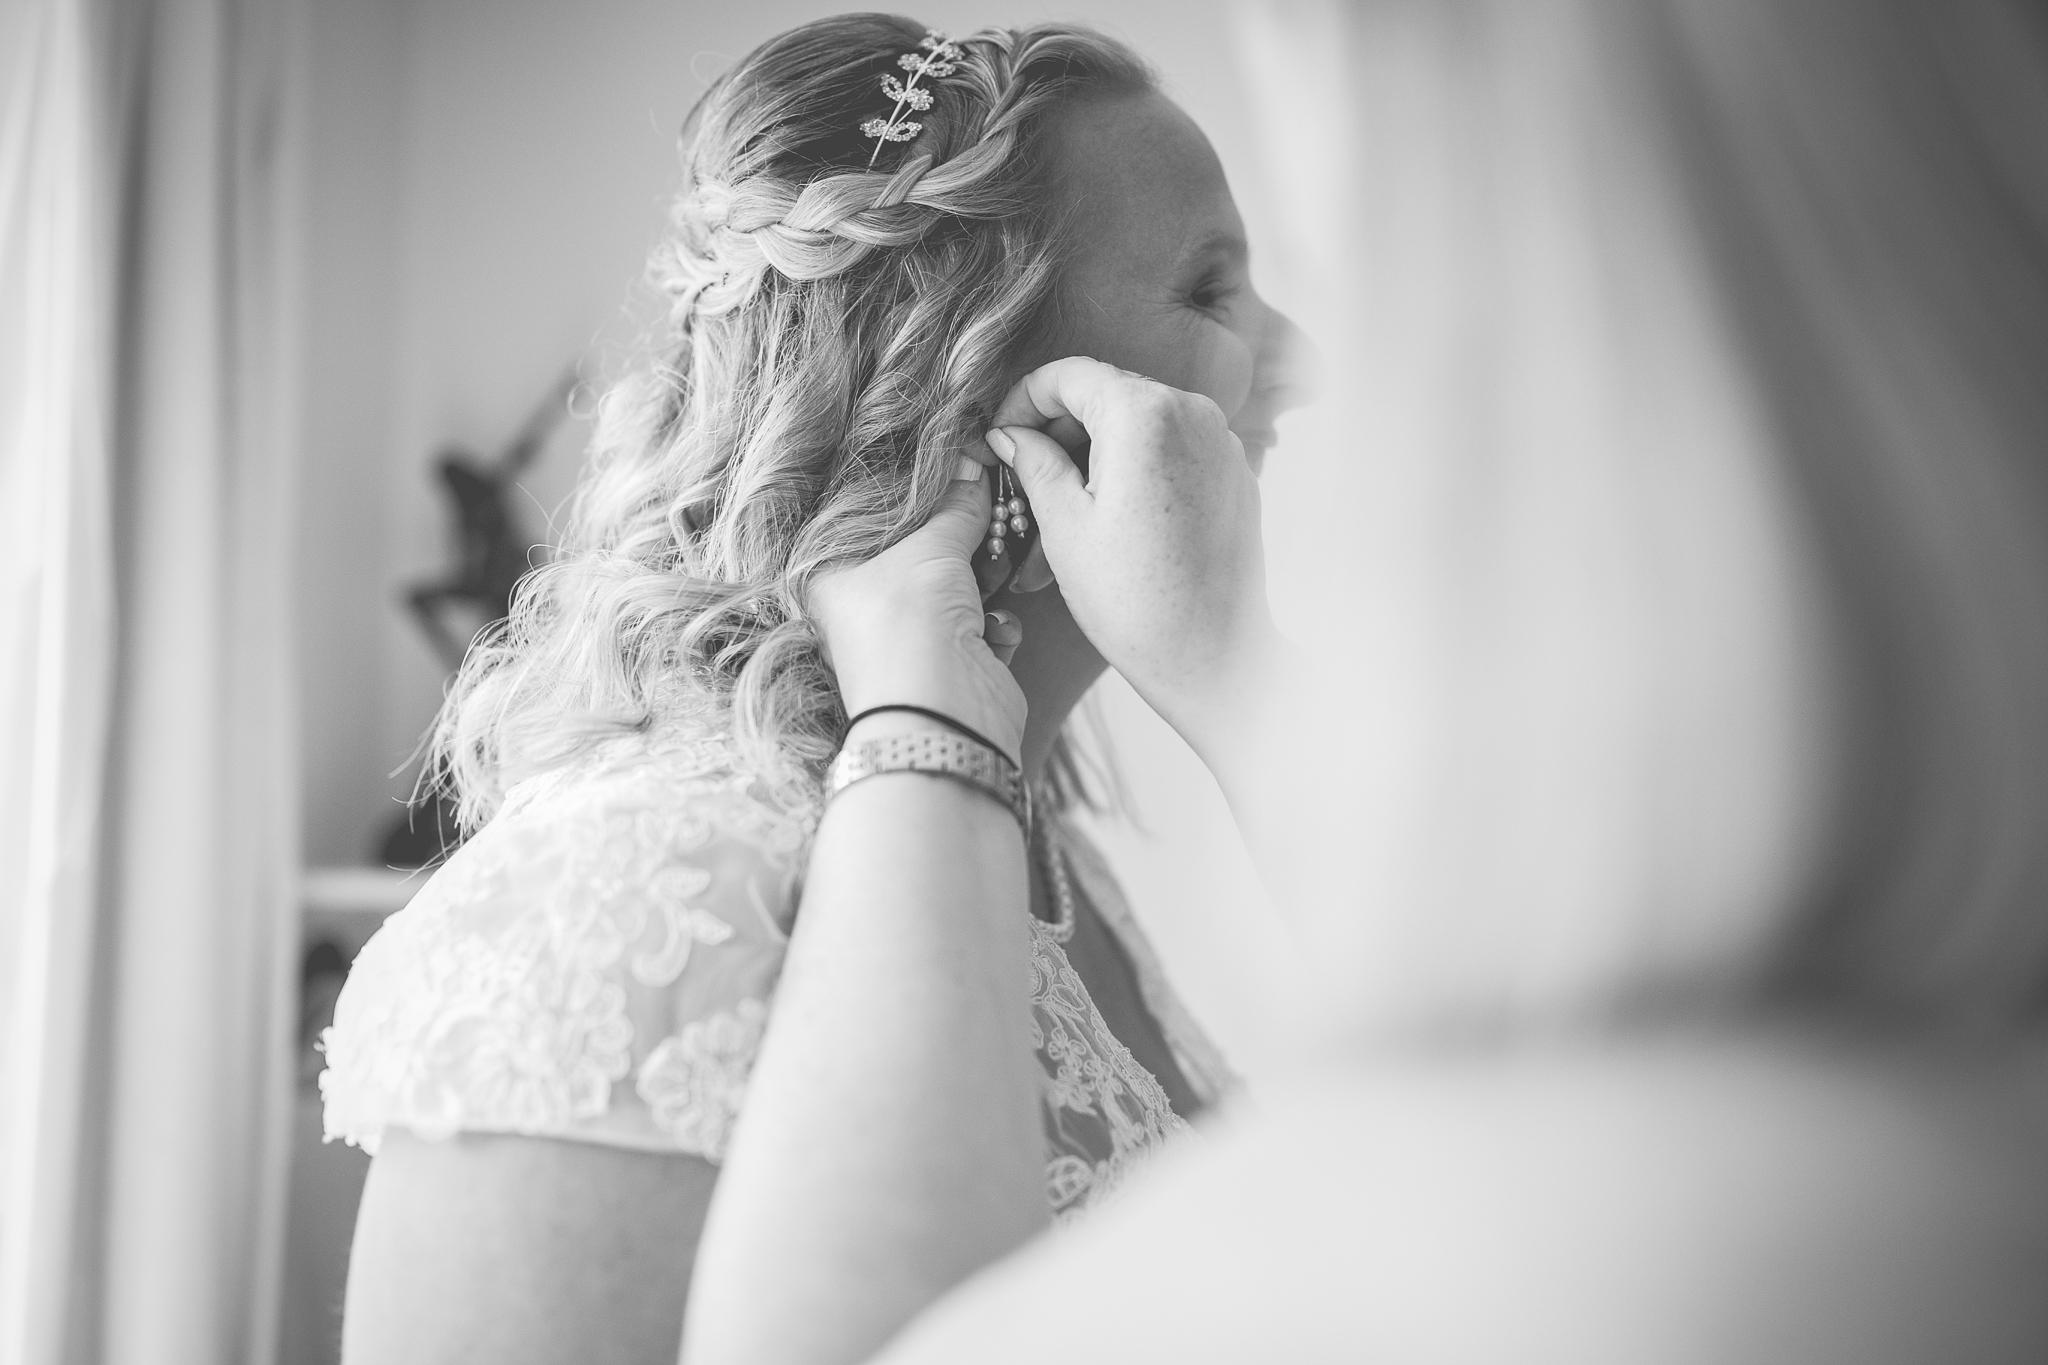 bedfordshireweddingphotography-44.jpg